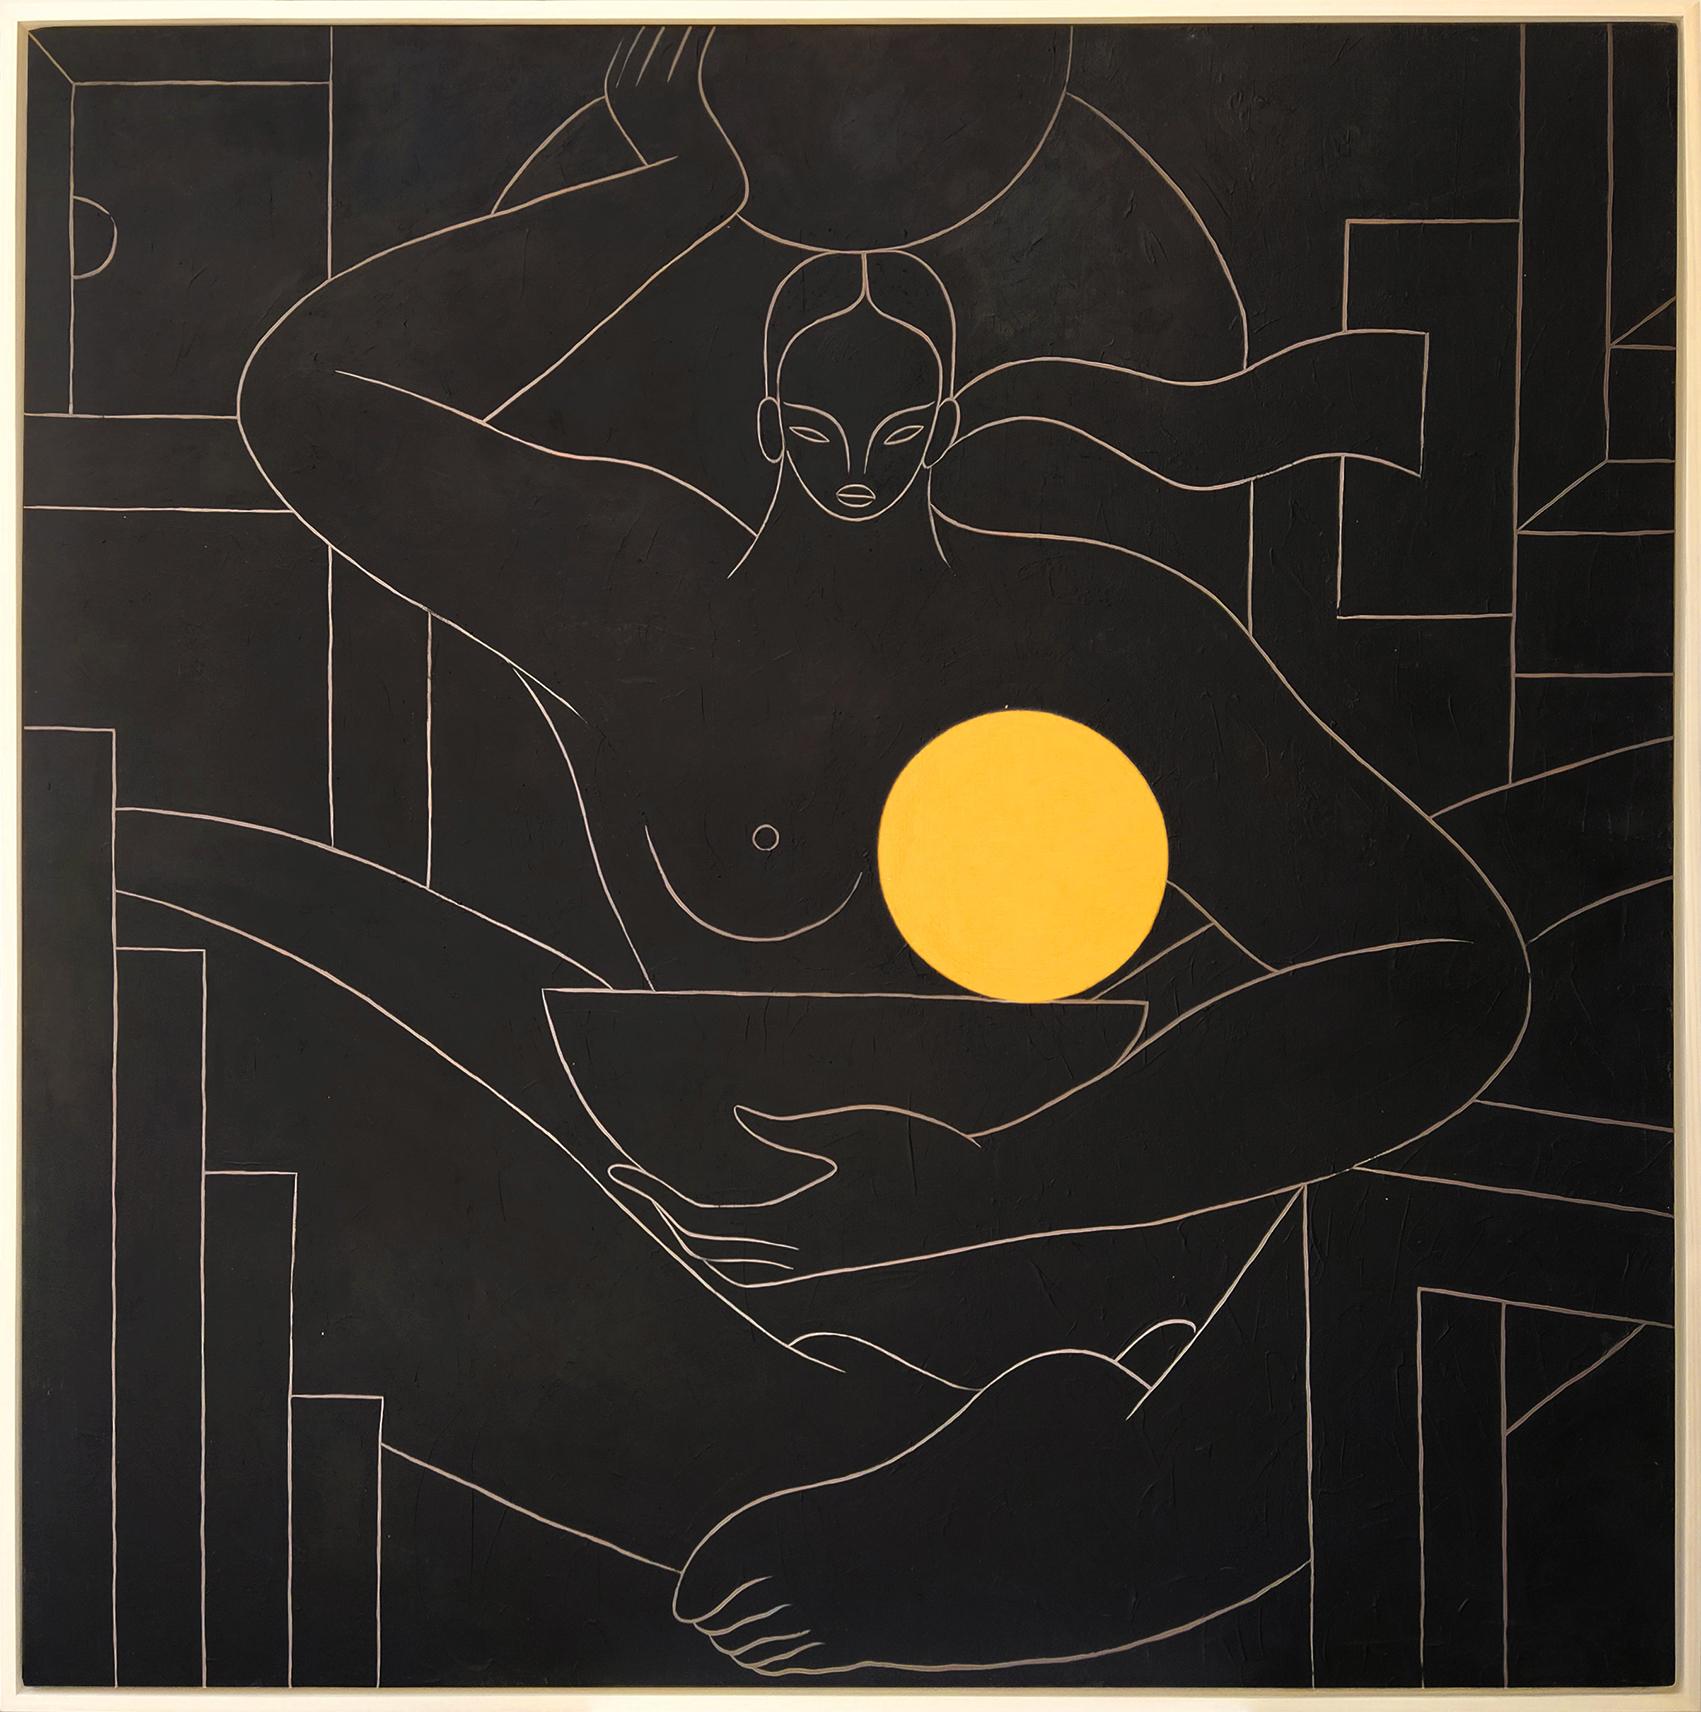 okHilda-Obra-3